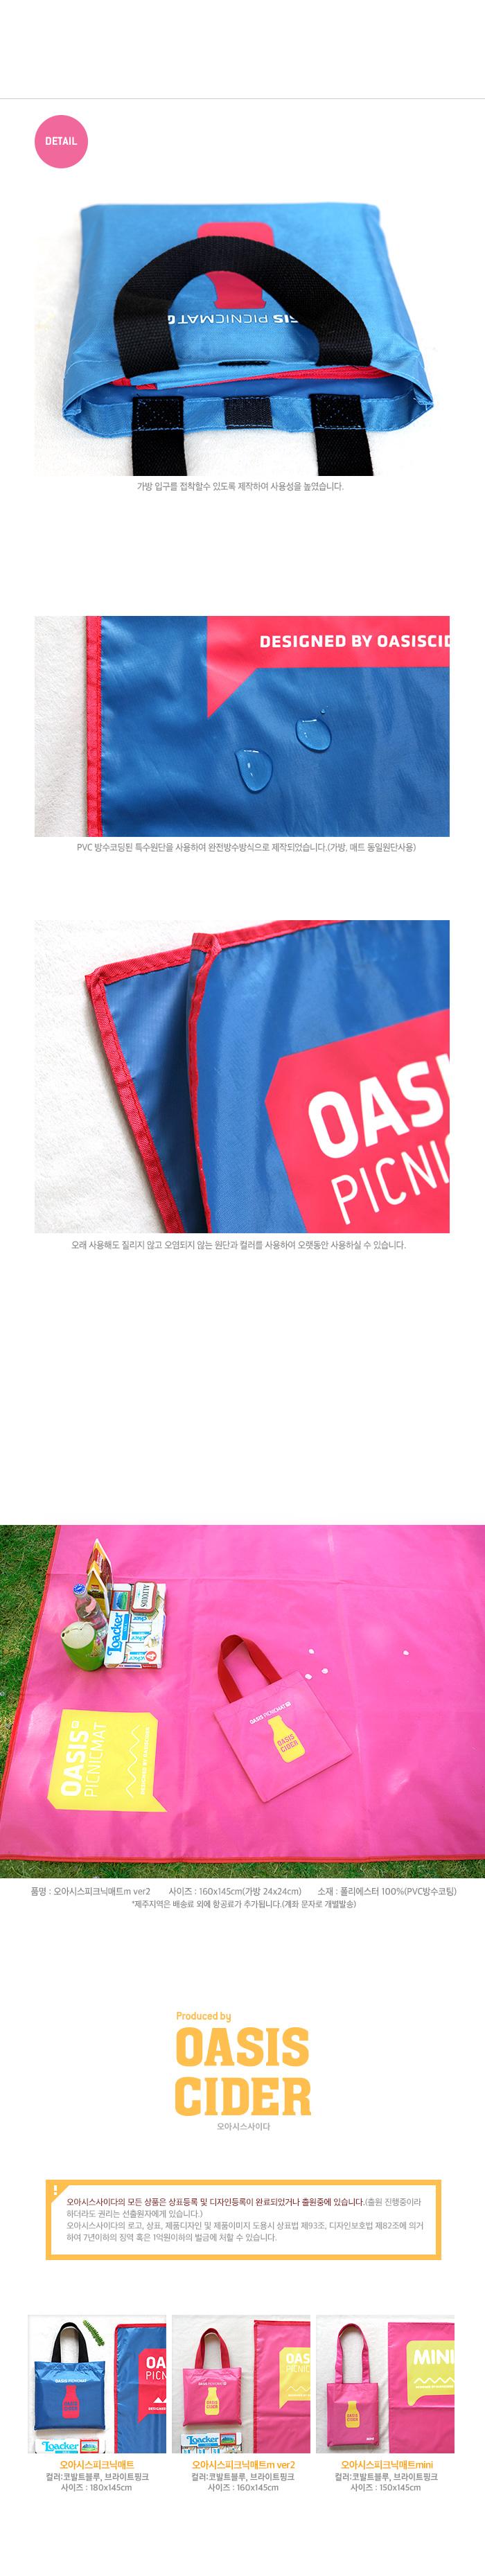 오아시스피크닉매트m ver2 - 오아시스사이다, 16,000원, 매트/돗자리, 매트/돗자리/베개